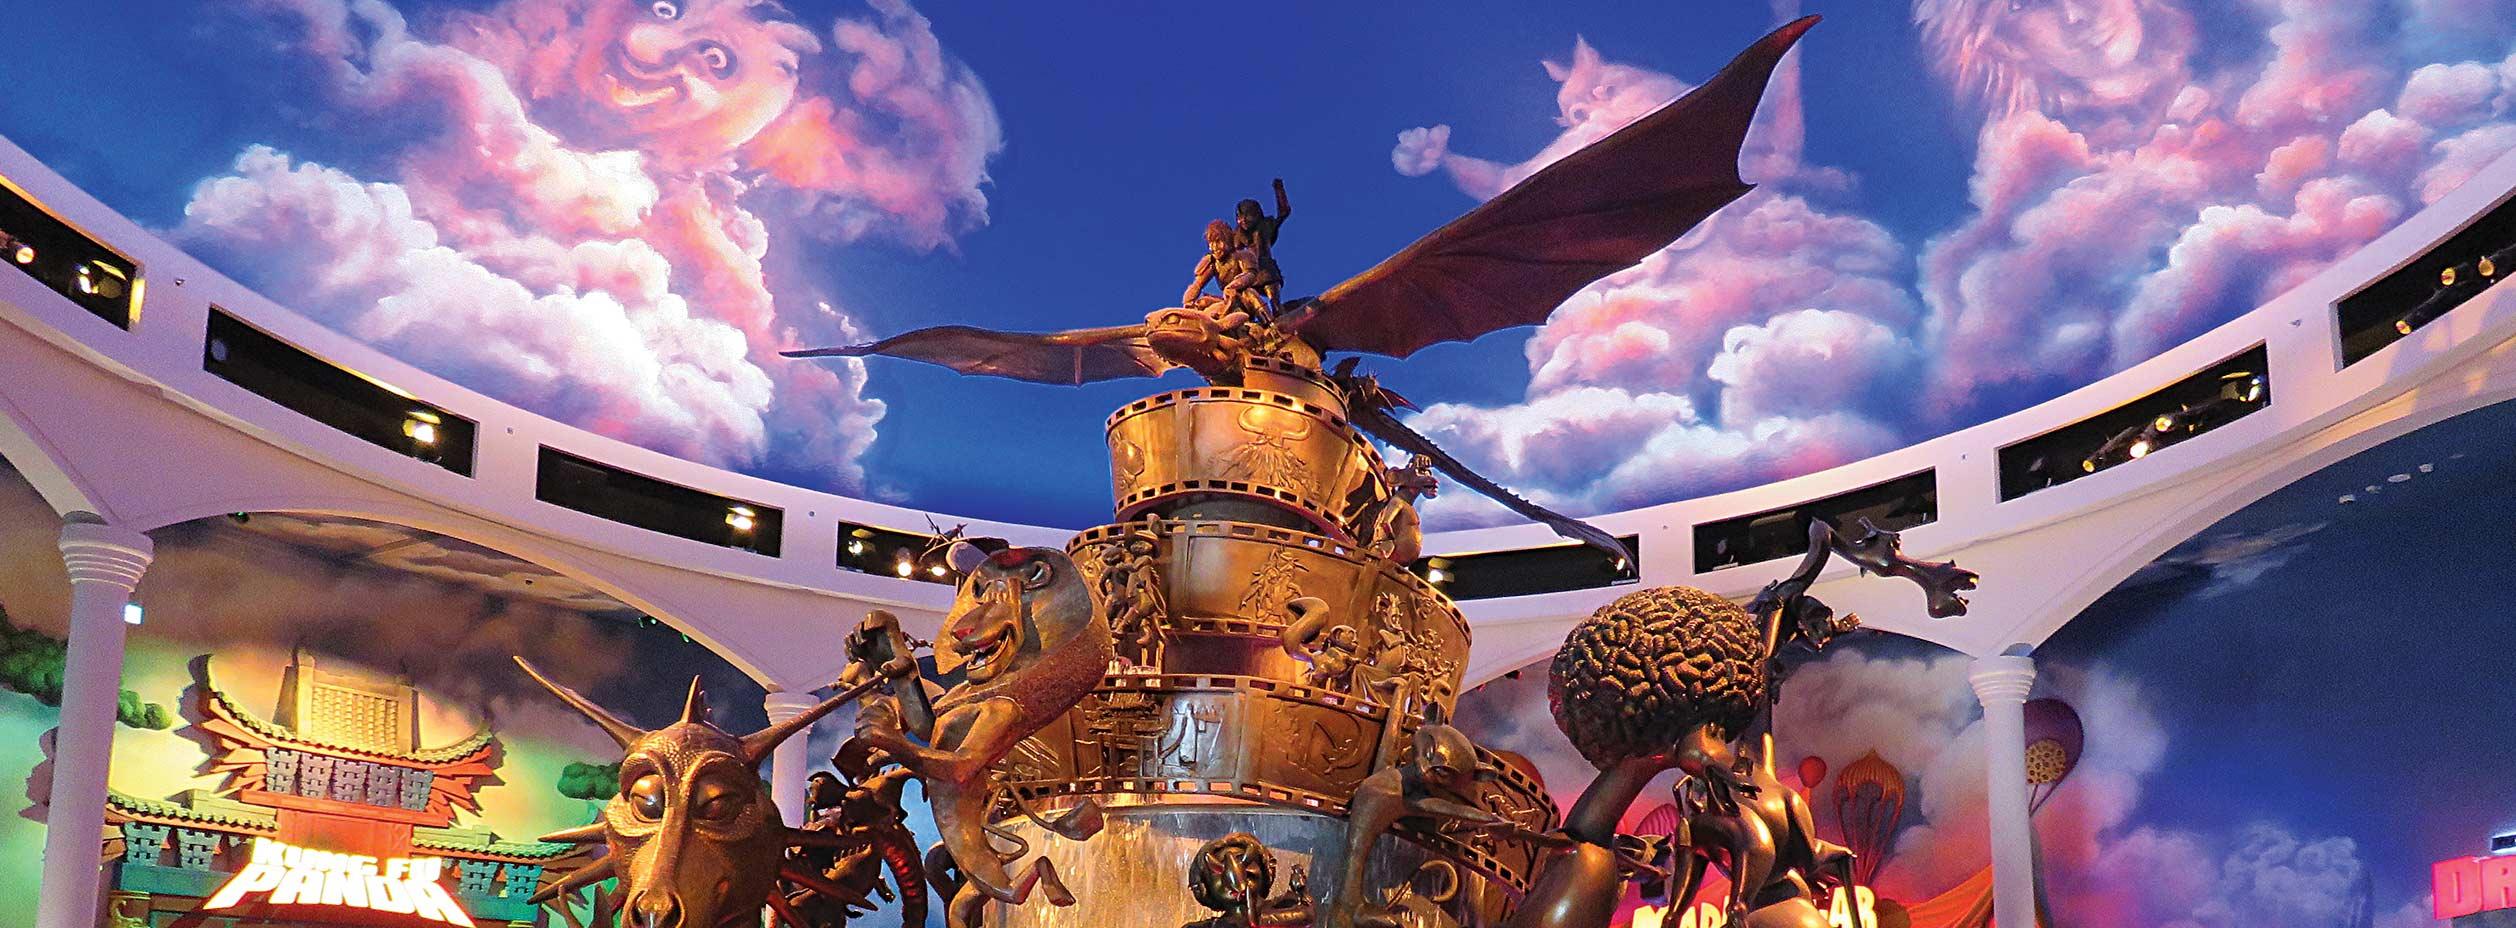 DreamWorks Zone